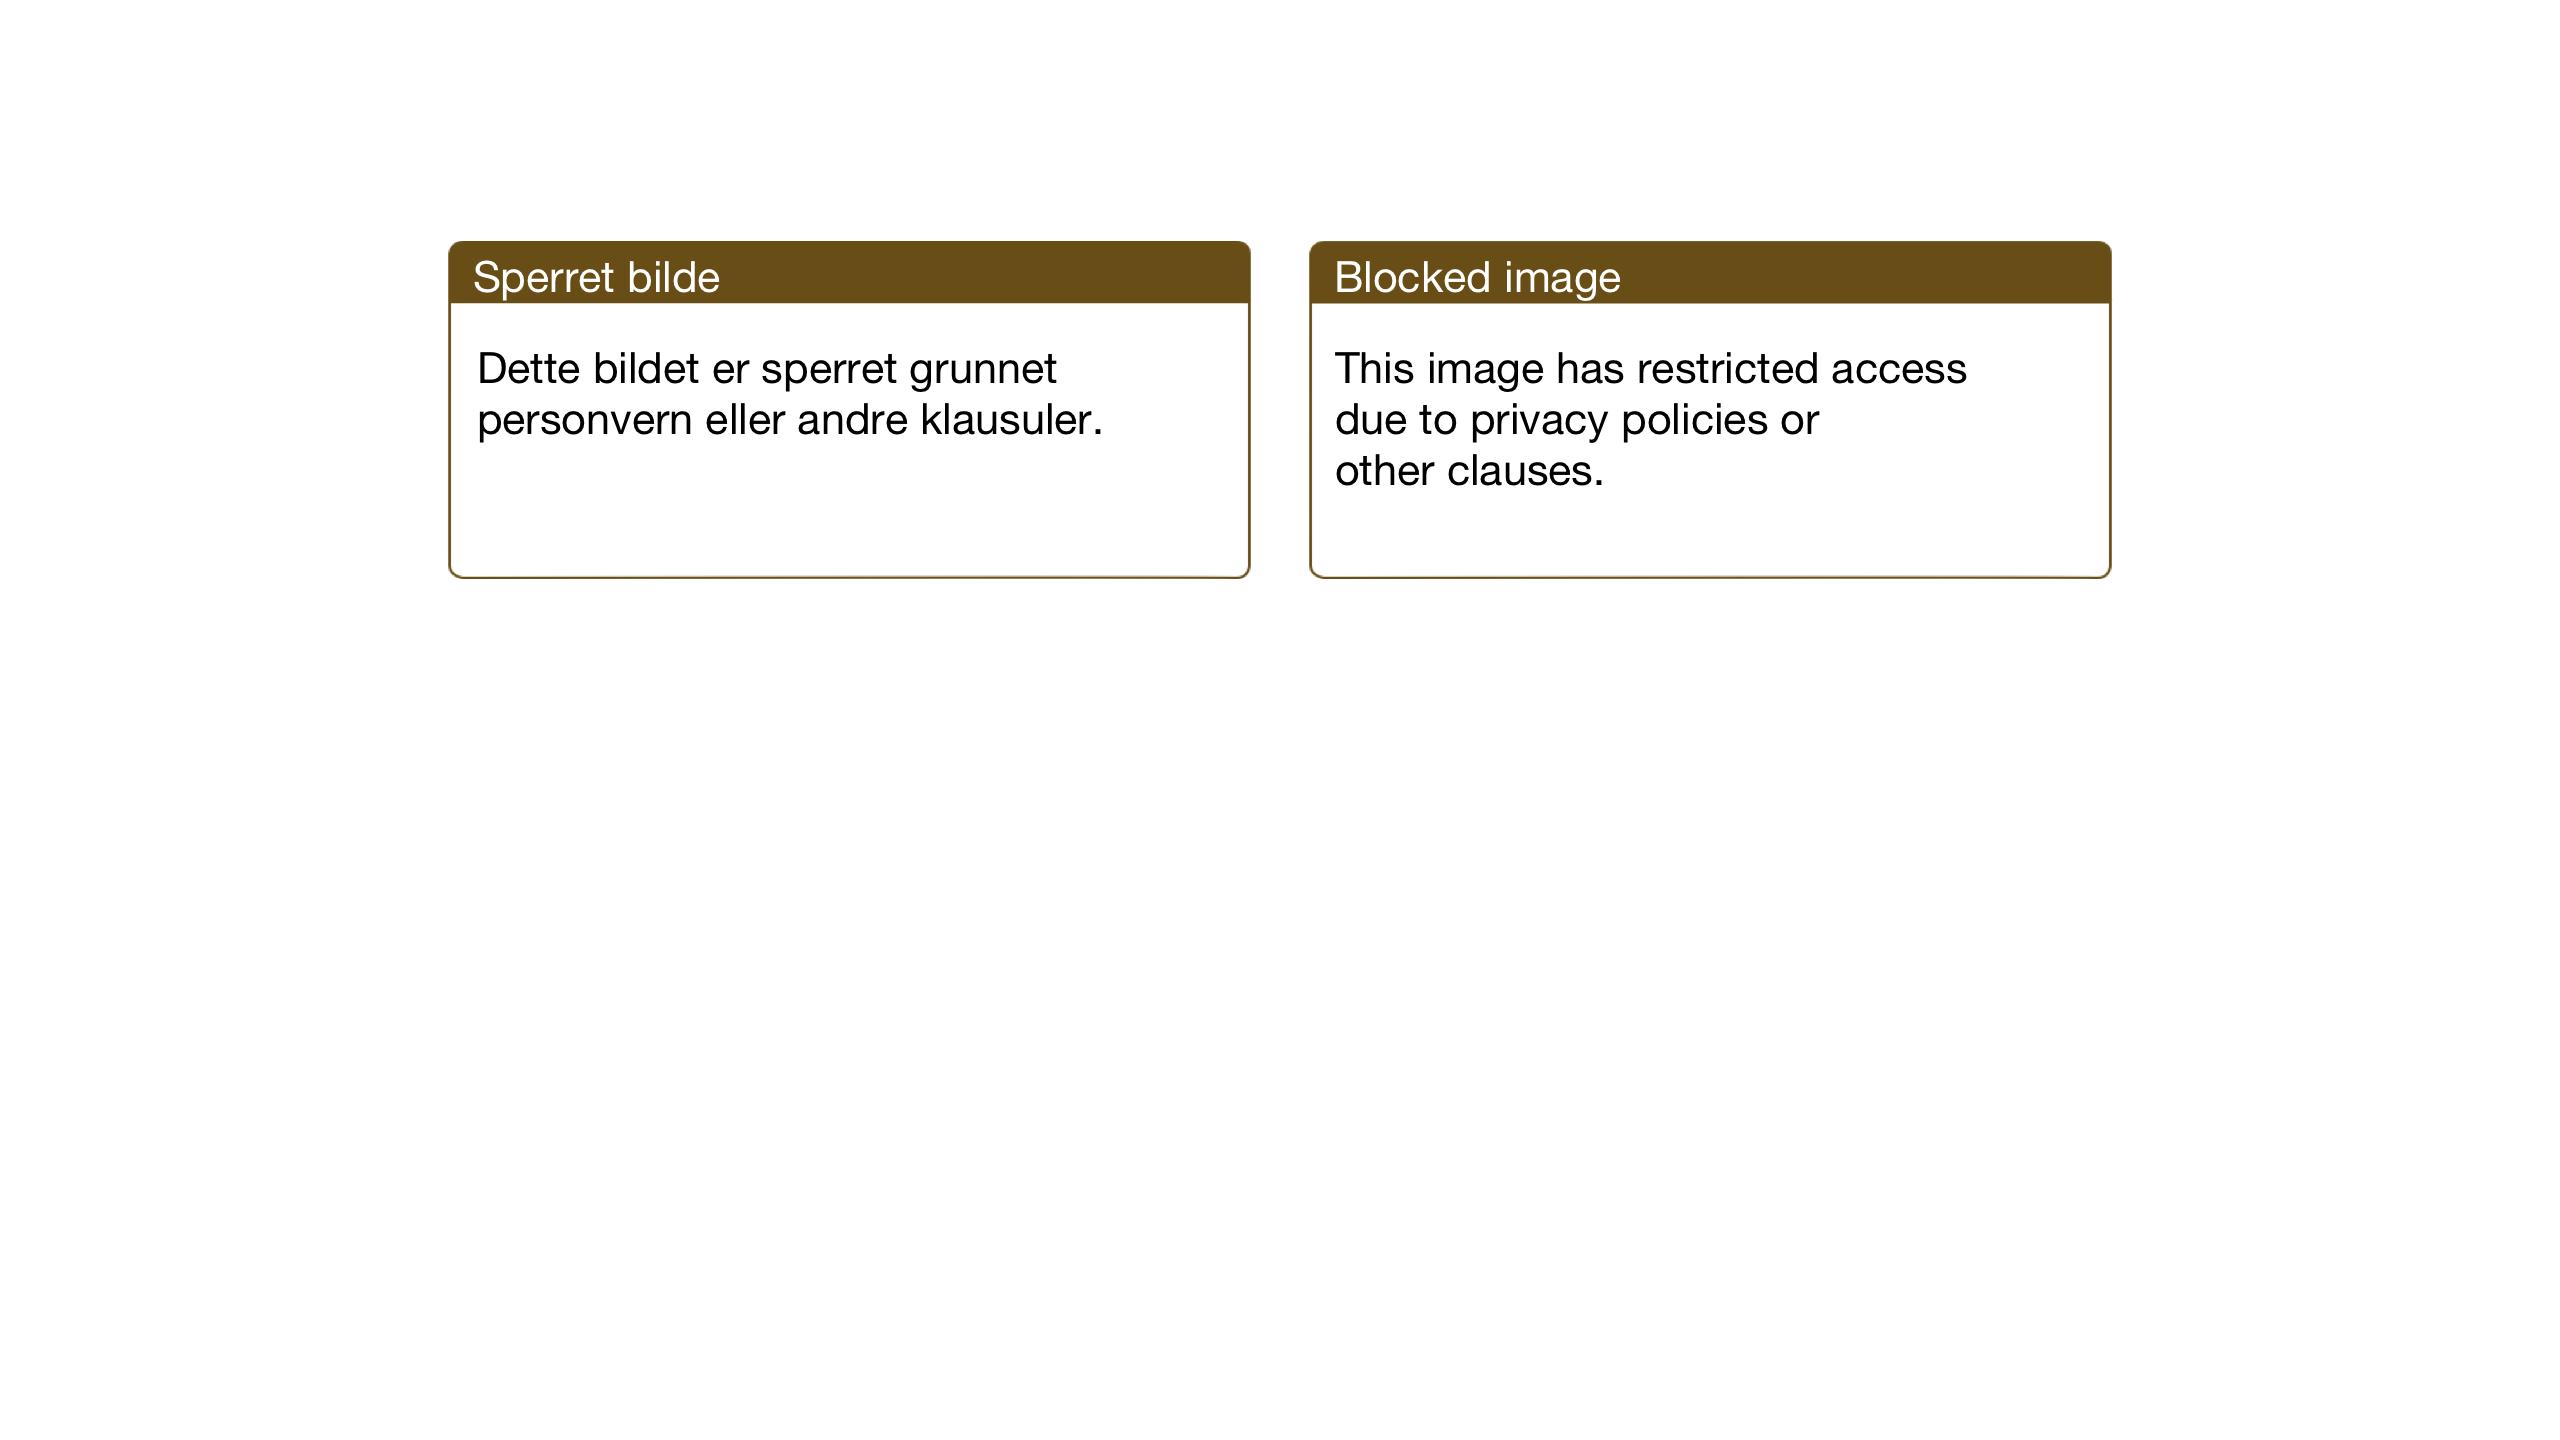 SAT, Ministerialprotokoller, klokkerbøker og fødselsregistre - Sør-Trøndelag, 656/L0694: Ministerialbok nr. 656A03, 1914-1931, s. 63